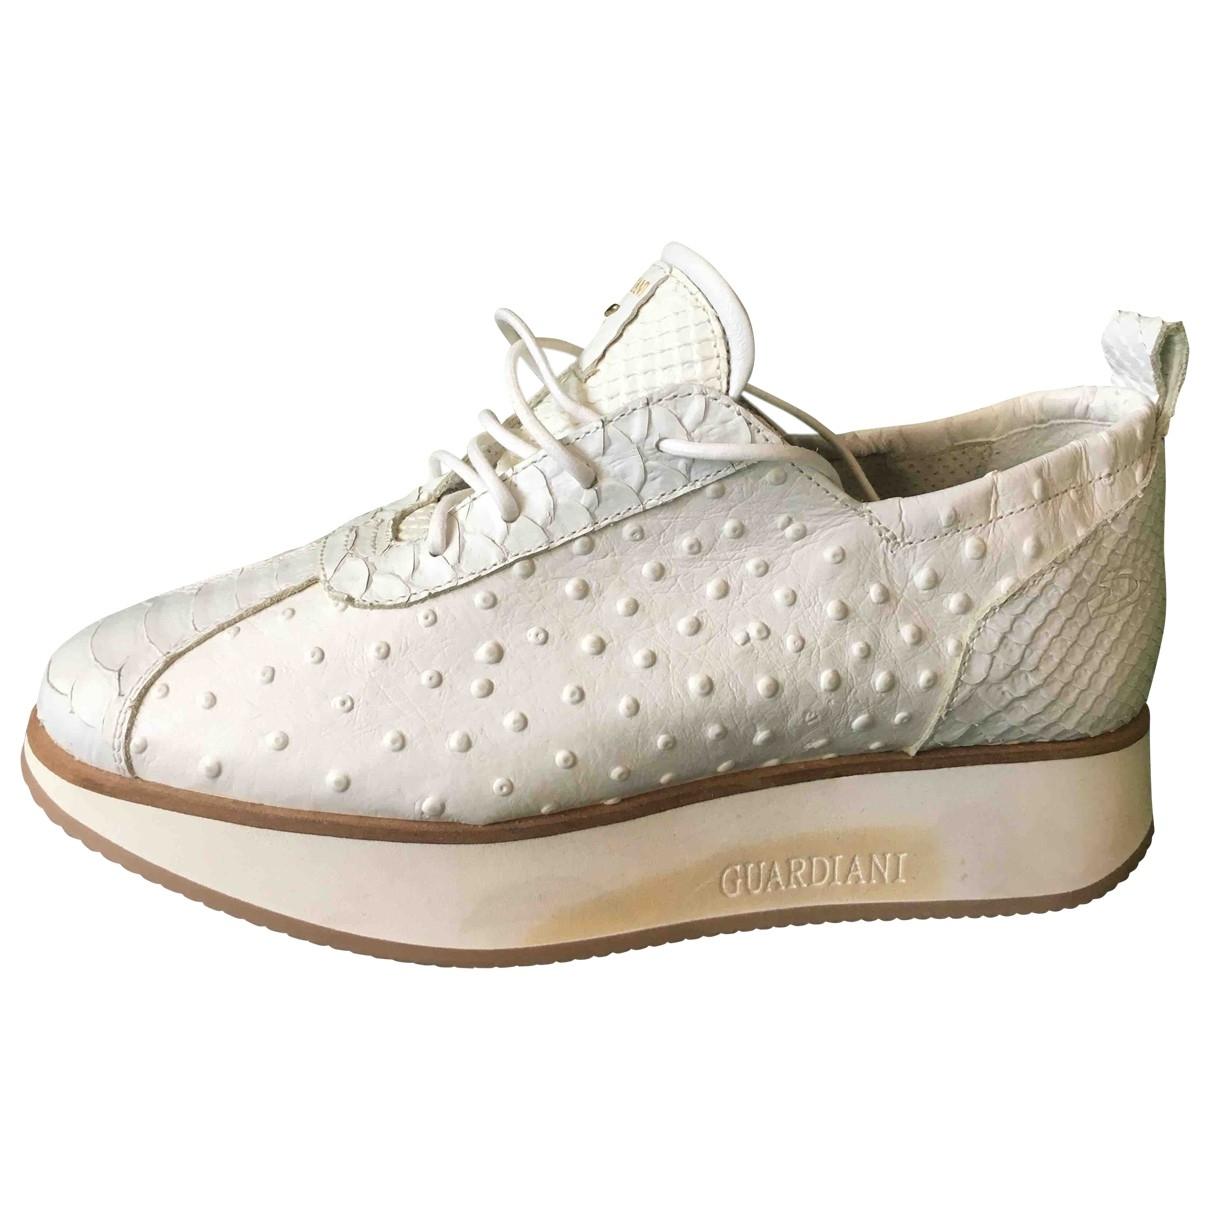 Alberto Guardiani - Baskets   pour femme en fourrure - blanc